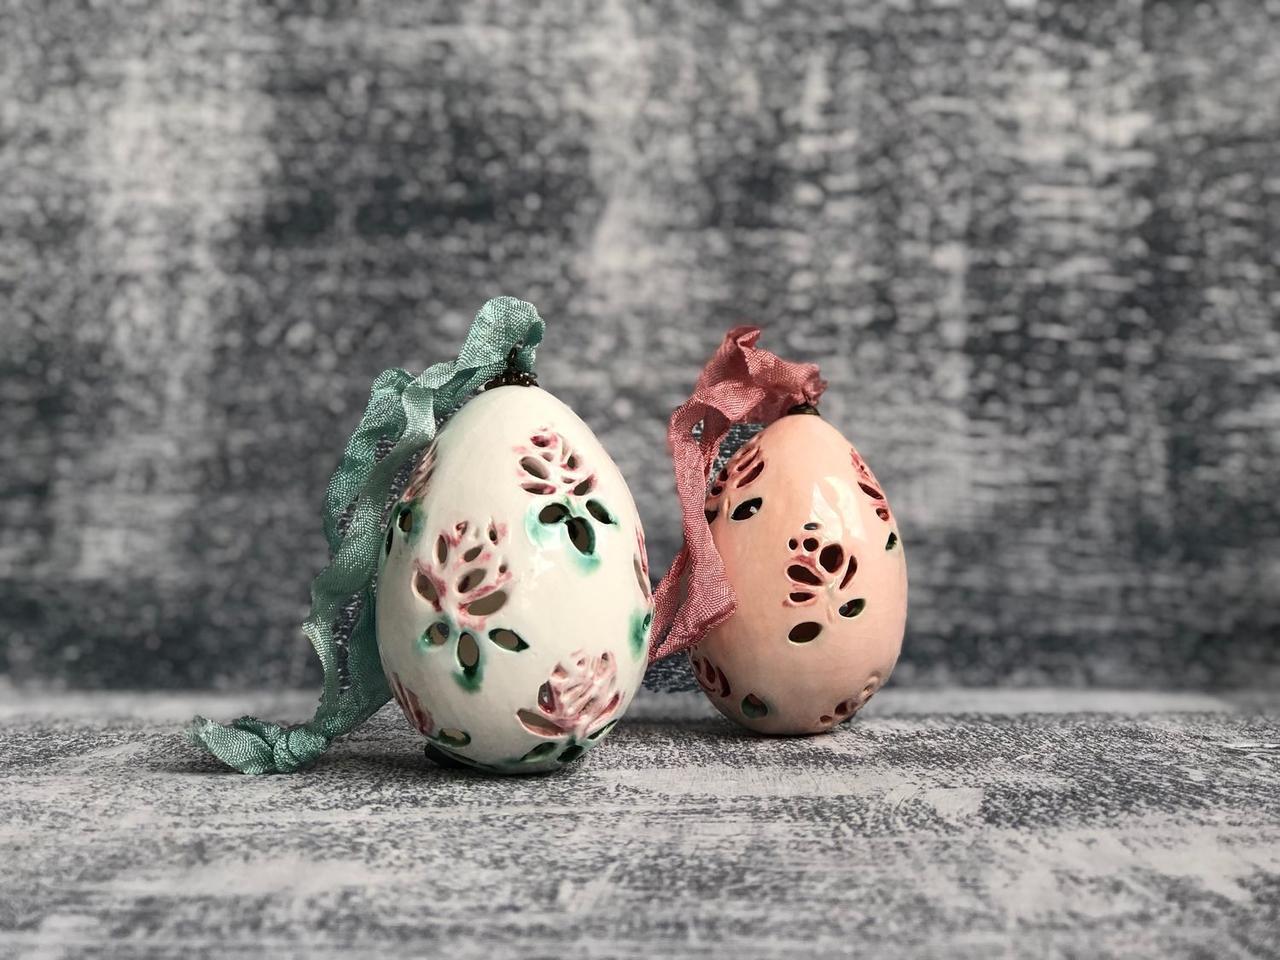 Мастер-класс поделка изделие пасха декупаж кракелюр лепка папье-маше пасхальные сувенирные яйца имитация старинной керамики акварель бисер бумага бумага журнальная бусины гуашь салфетки скорлупа яичная тесто соленое